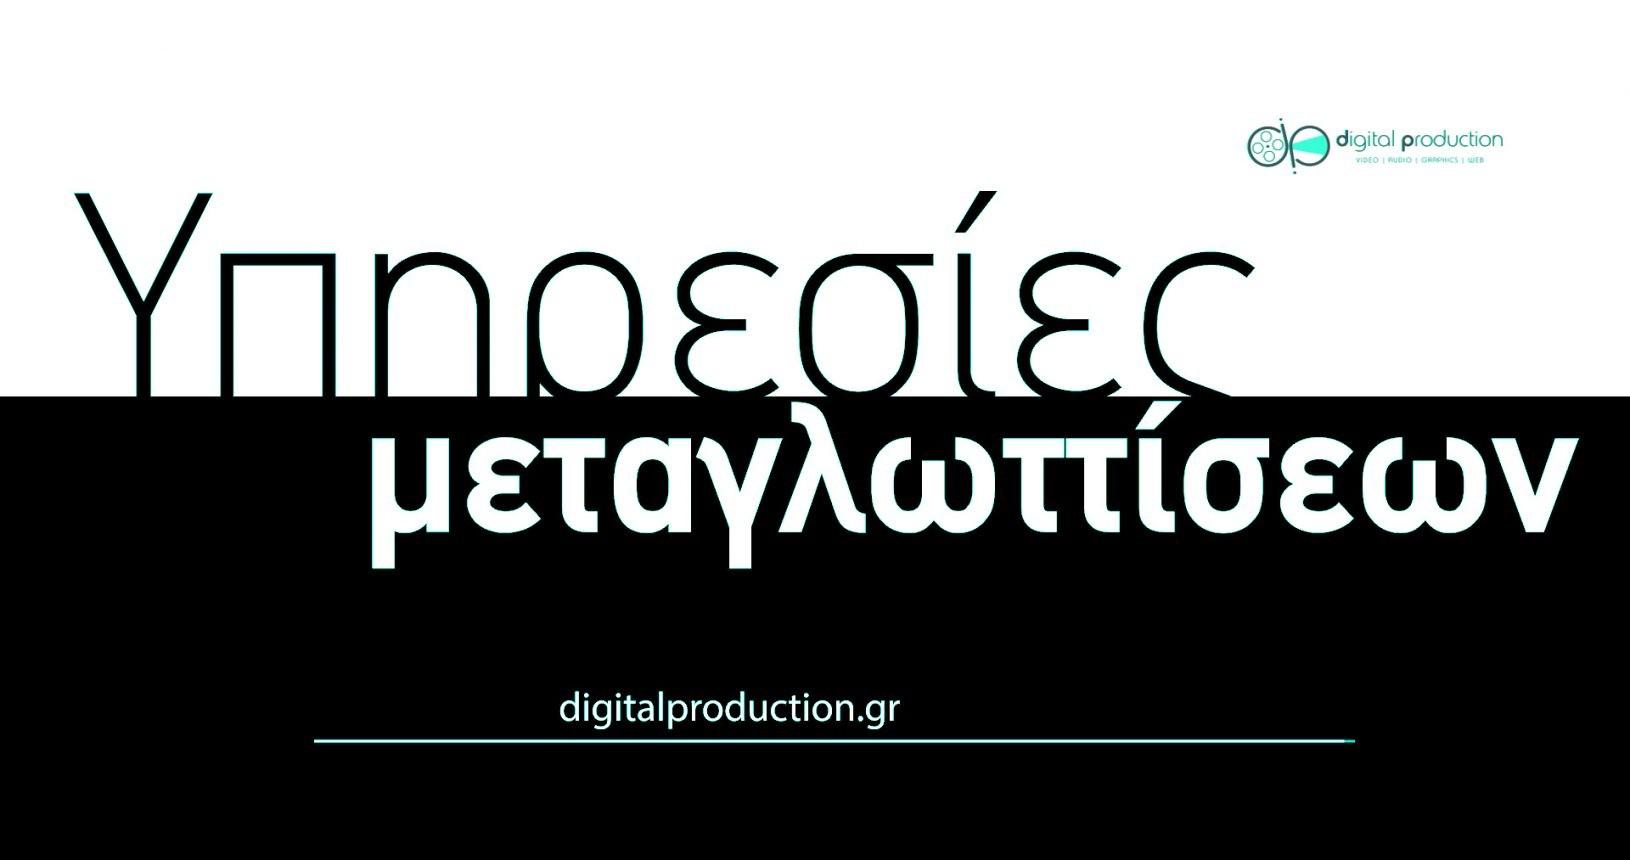 Υπηρεσίες μεταγλωττίσεων βίντεο σε όλες τις γλώσσες – Μεταγλώττιση βίντεο | Digital Production